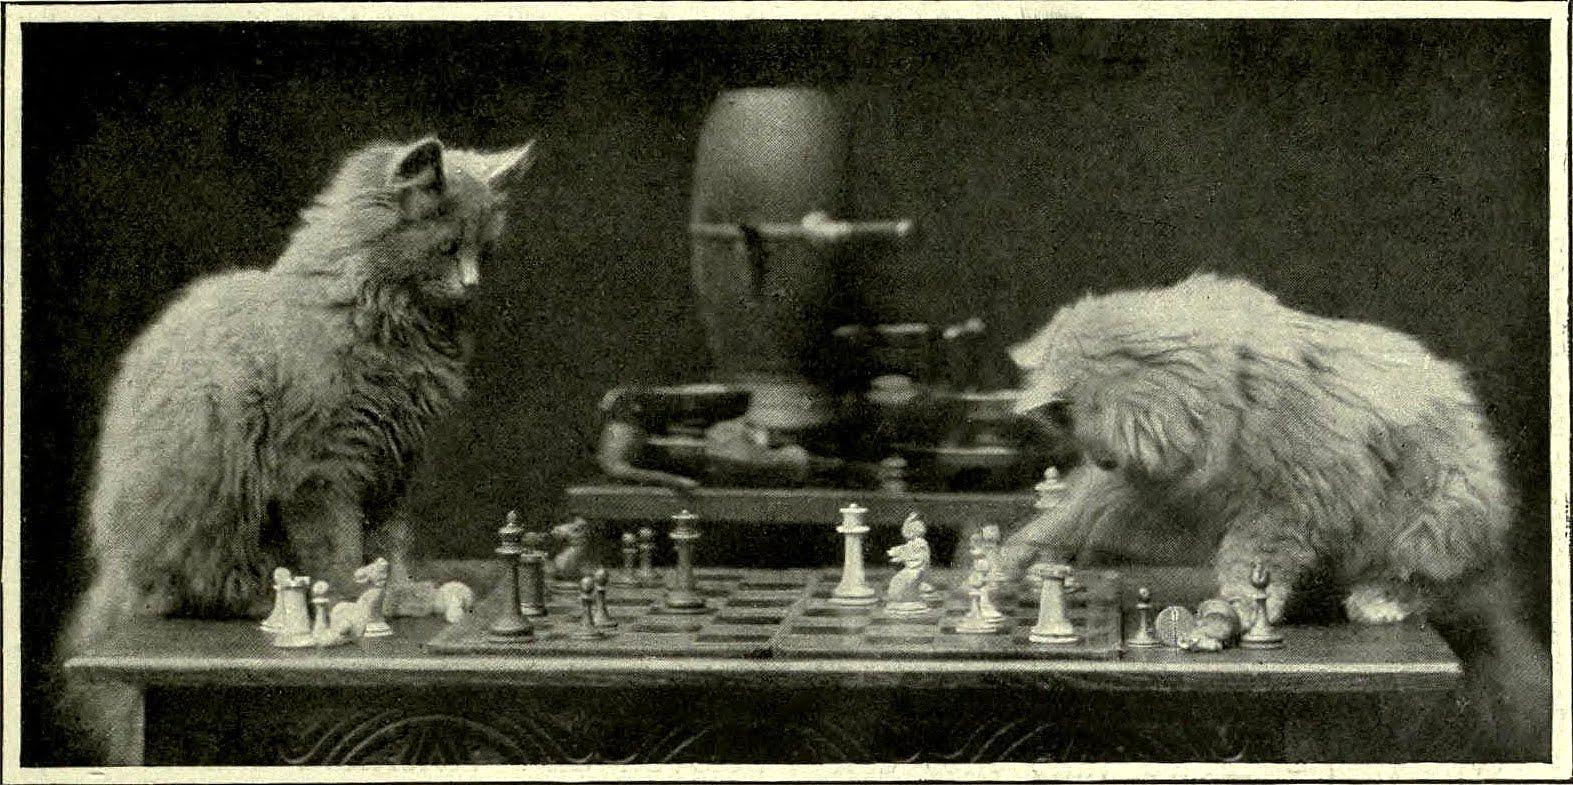 http://1.bp.blogspot.com/-JPPayfQQVQ0/UDjLbMryy_I/AAAAAAAAadU/y2elXlLH854/s1600/Cat_chess_2.jpg